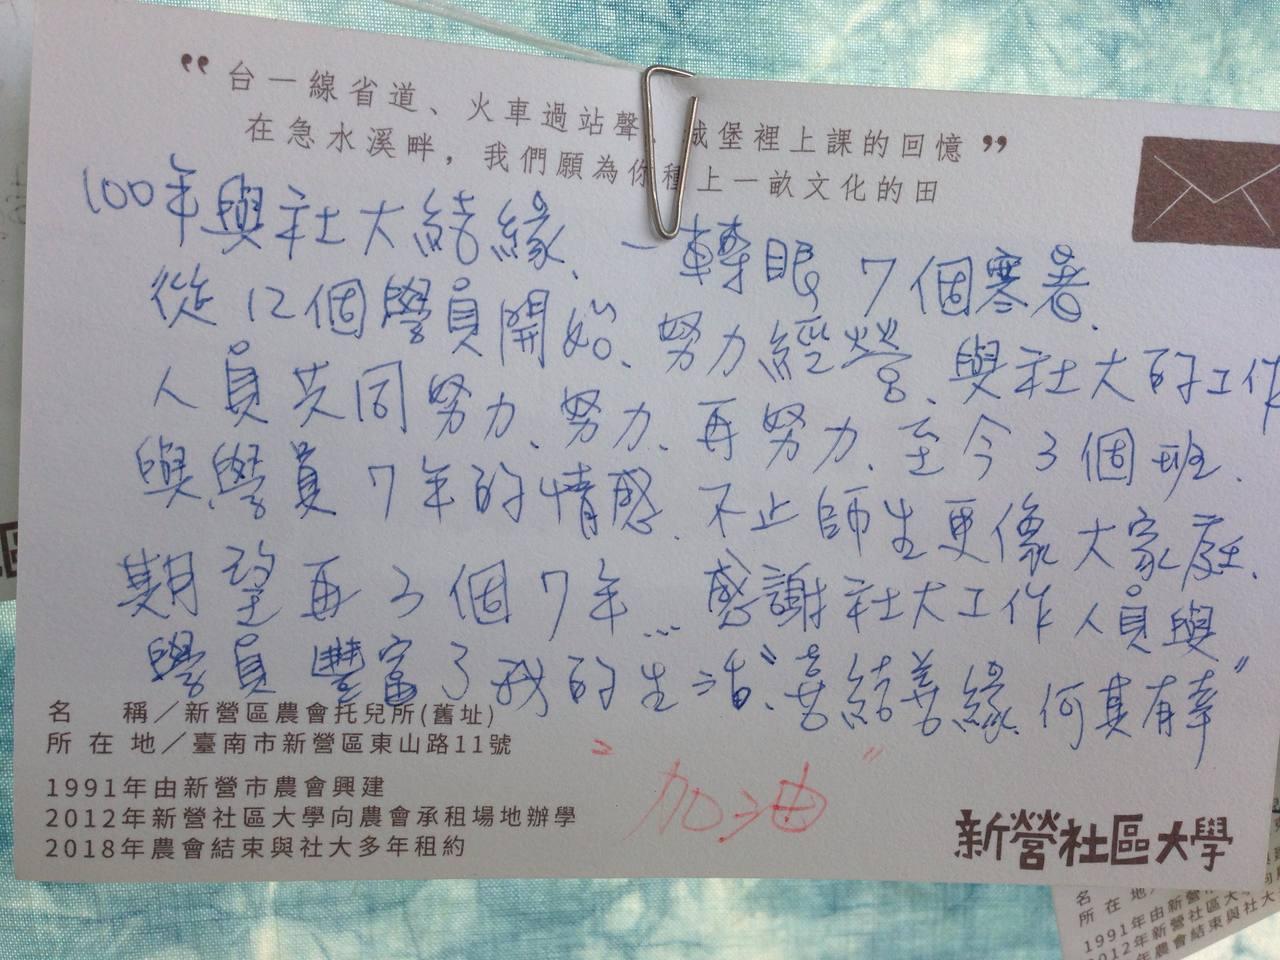 新營社大學員在名信片上留言。圖/新營社大提供